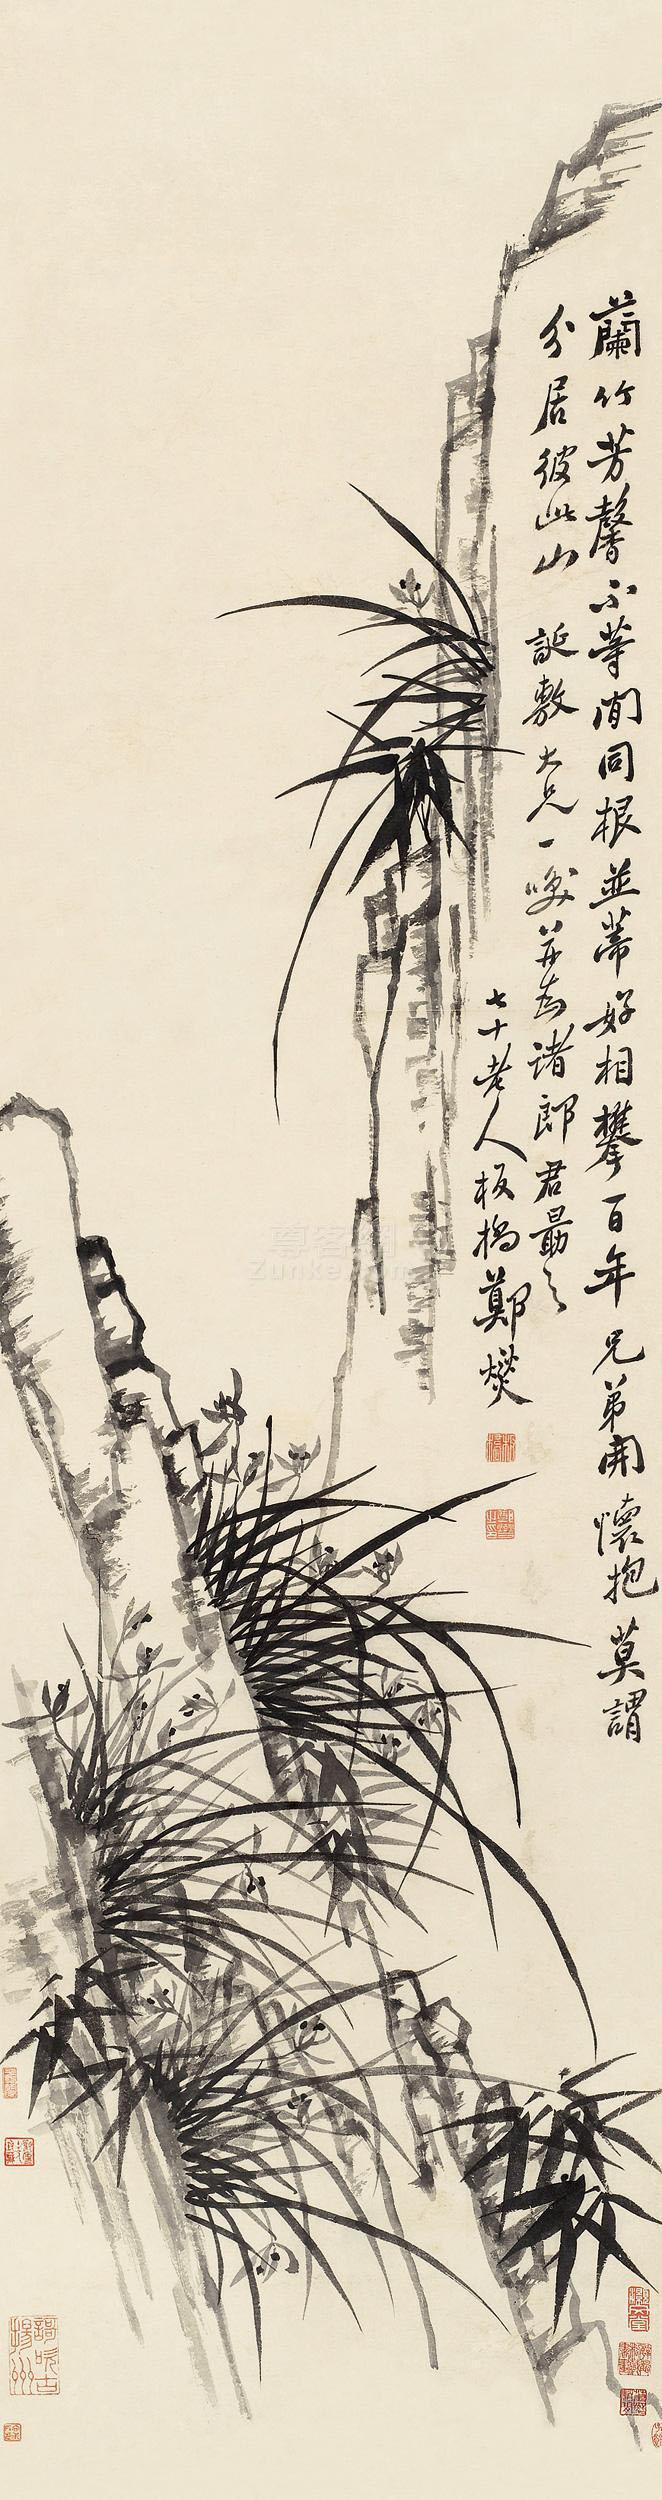 郑板桥 幽兰图 立轴 水墨纸本作品欣赏